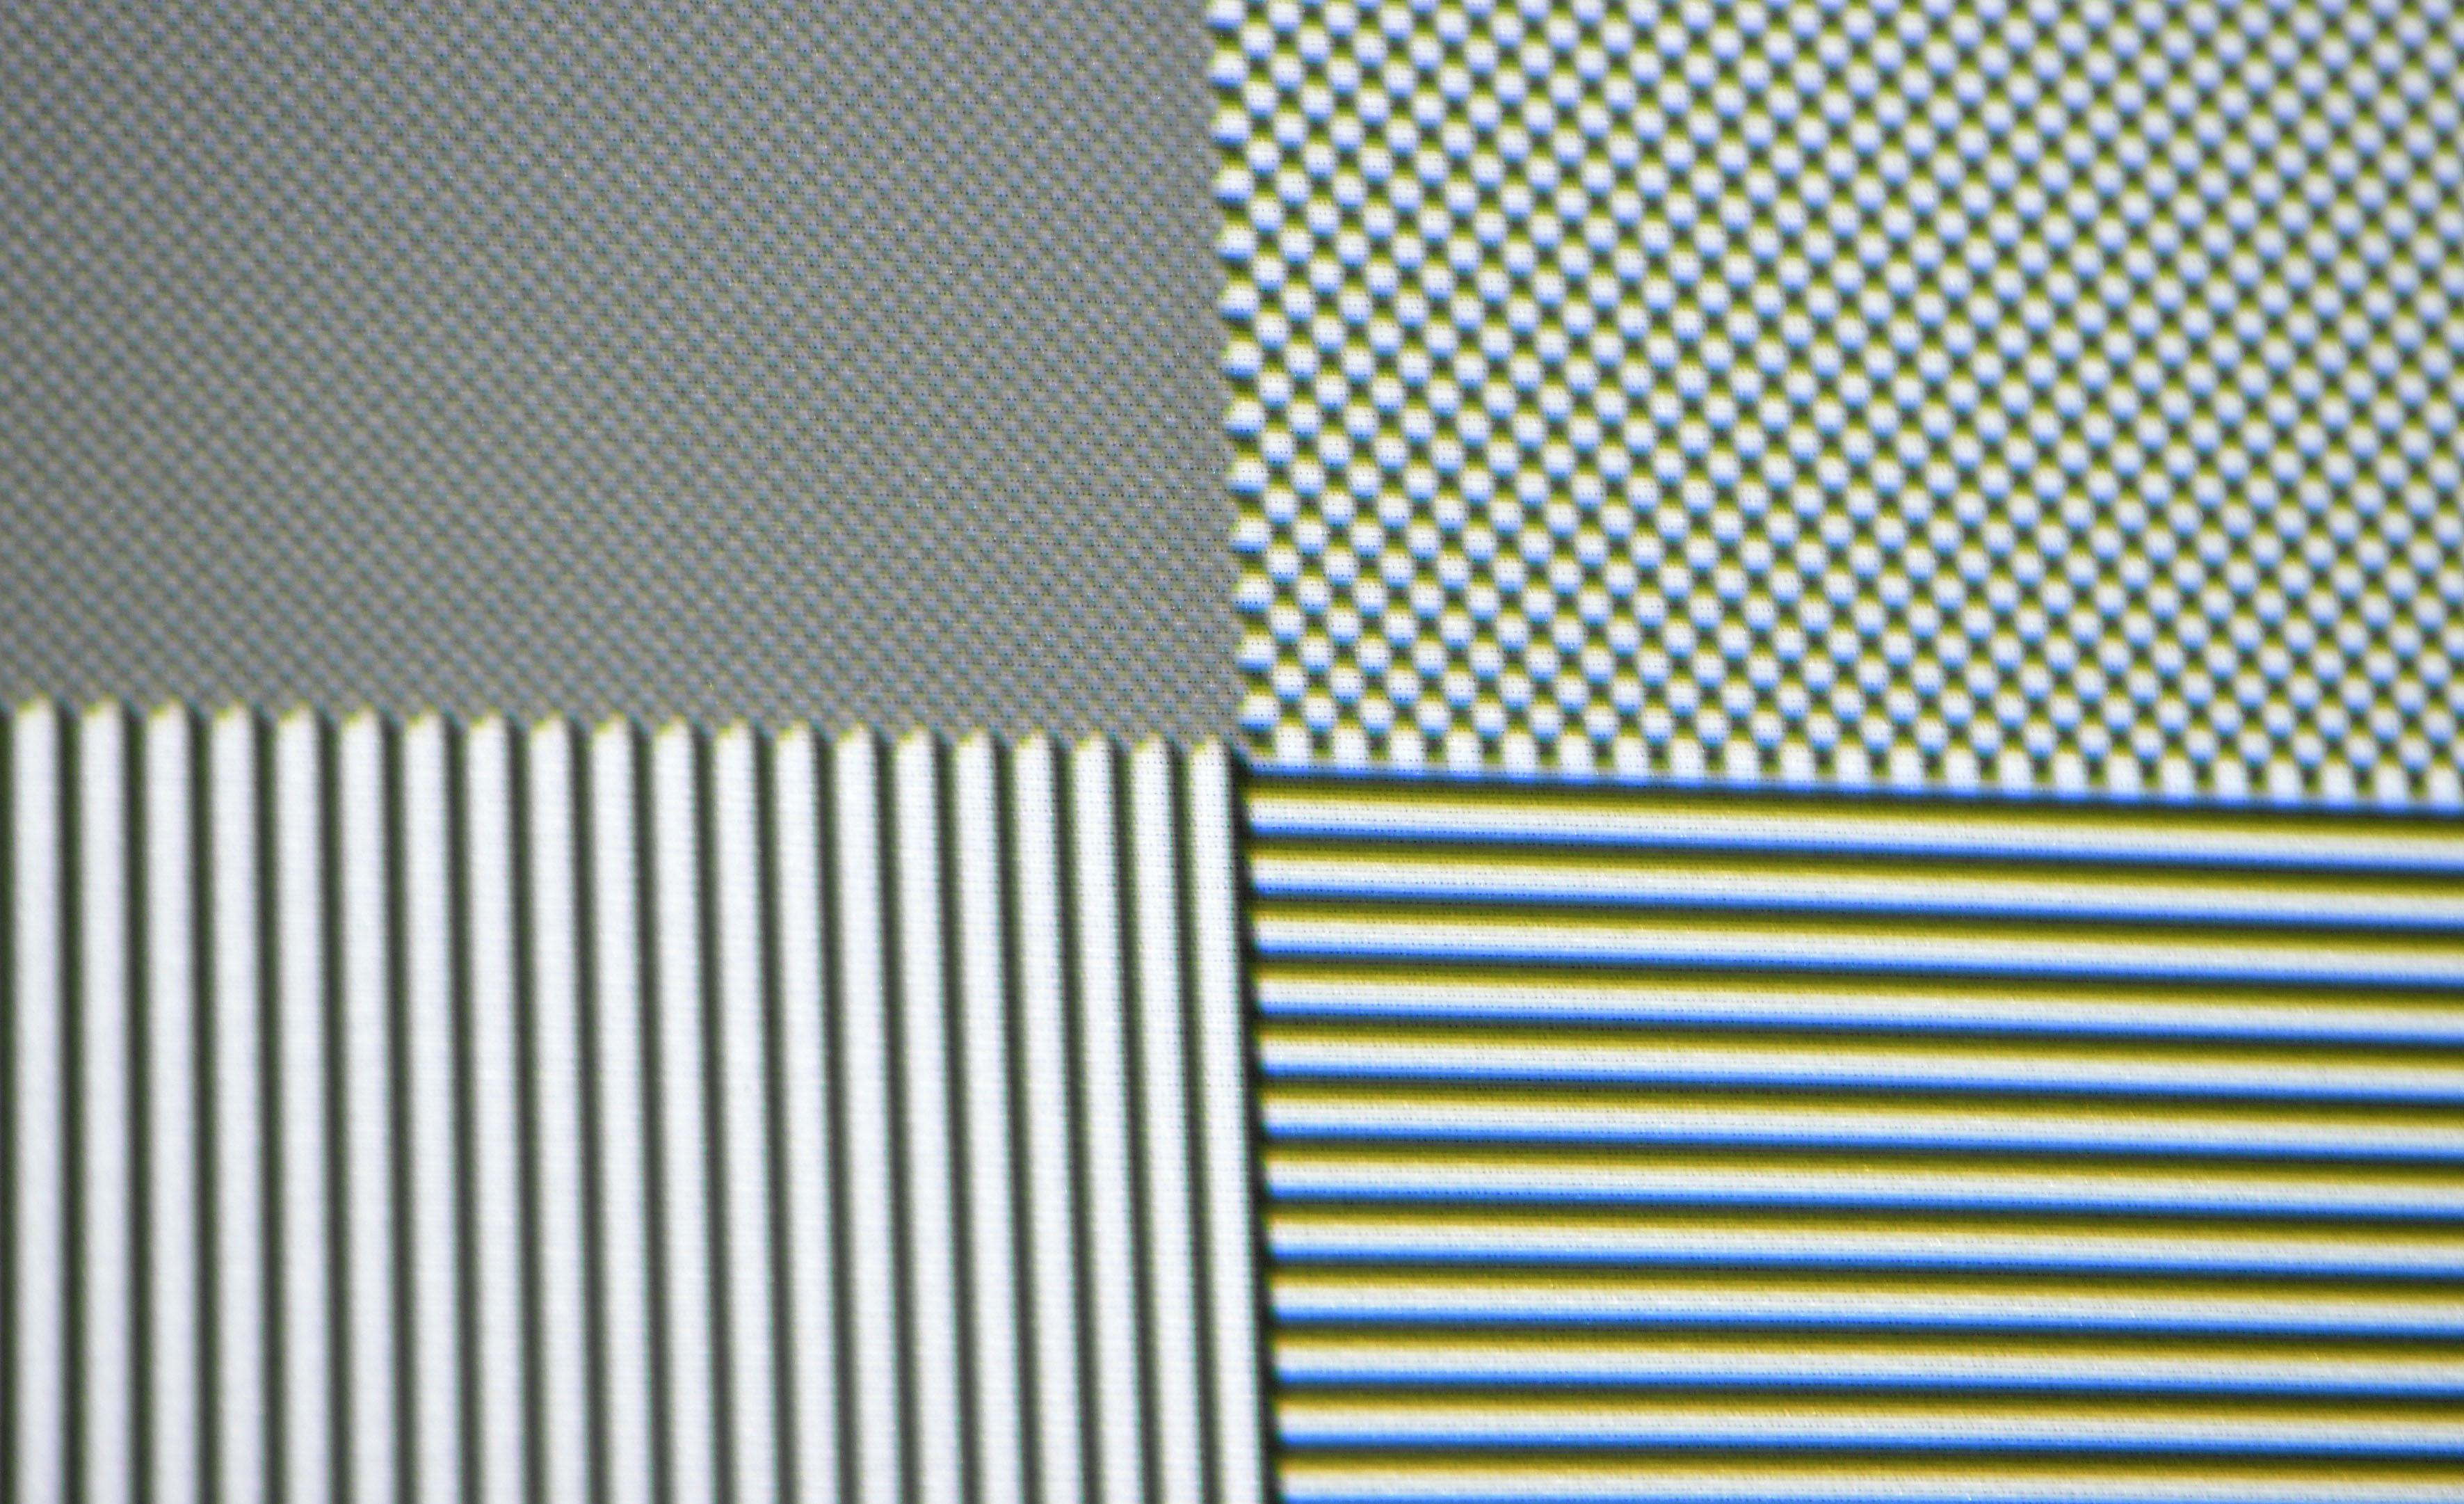 Full-HD-Schachbrettmuster: Das sieht auf den ersten Blick wirklich gut aus. Erst beim ganz genauen Hinsehen fällt auf, dass kleinste Abbildungen ganz leicht grün verfärbt sind. Während Schachbrettmuster in UHD-Pixelauflösung als graue Flächen dargestellt werden vom X10-4K, sind einzelne Full-HD-Pixel sauber und vollständig reproduziert